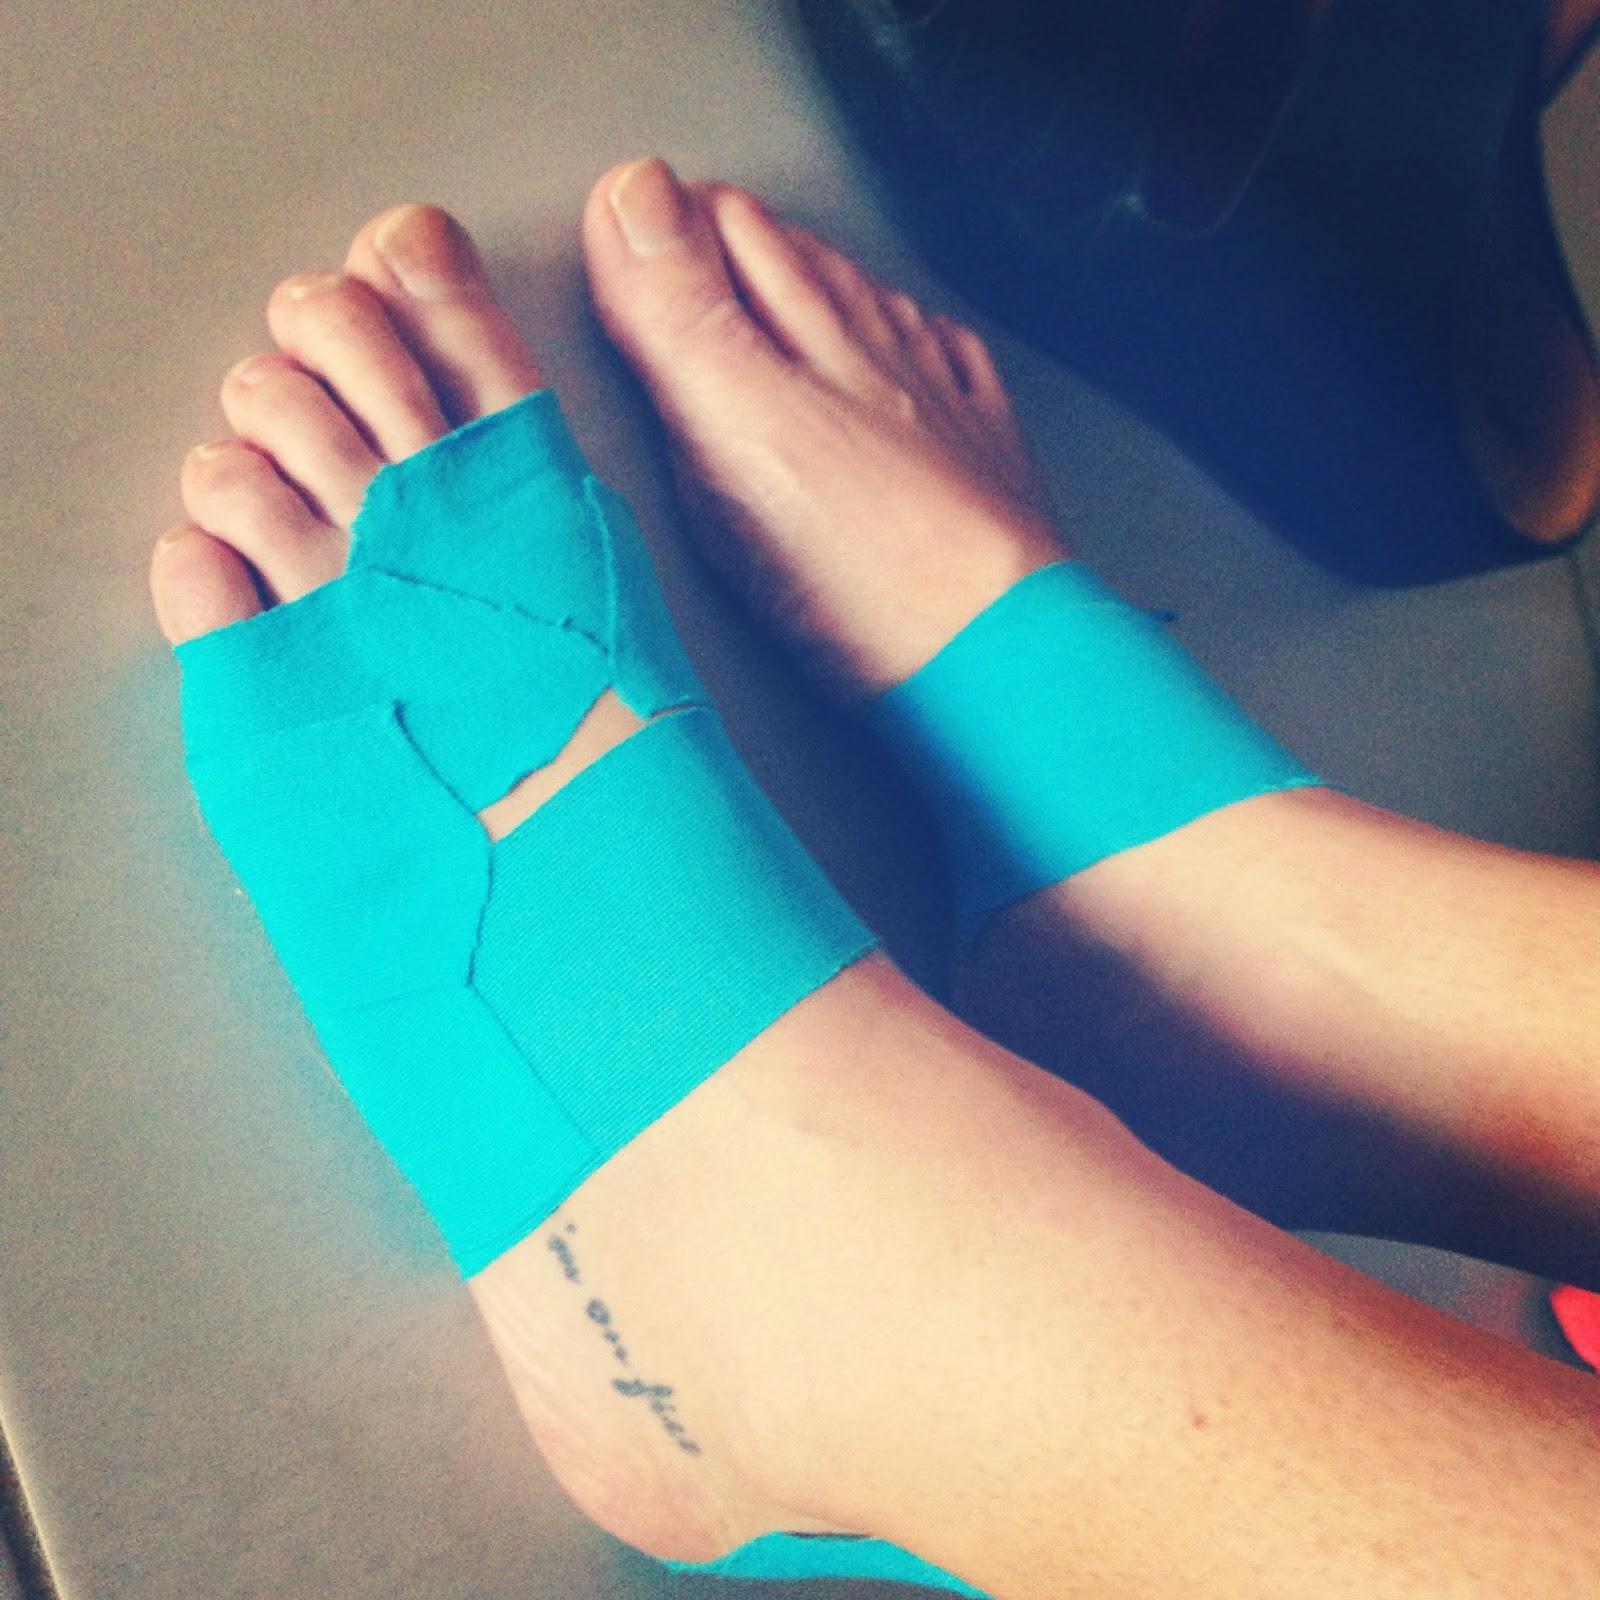 running injury, tape, KT tape, Rocktape, running